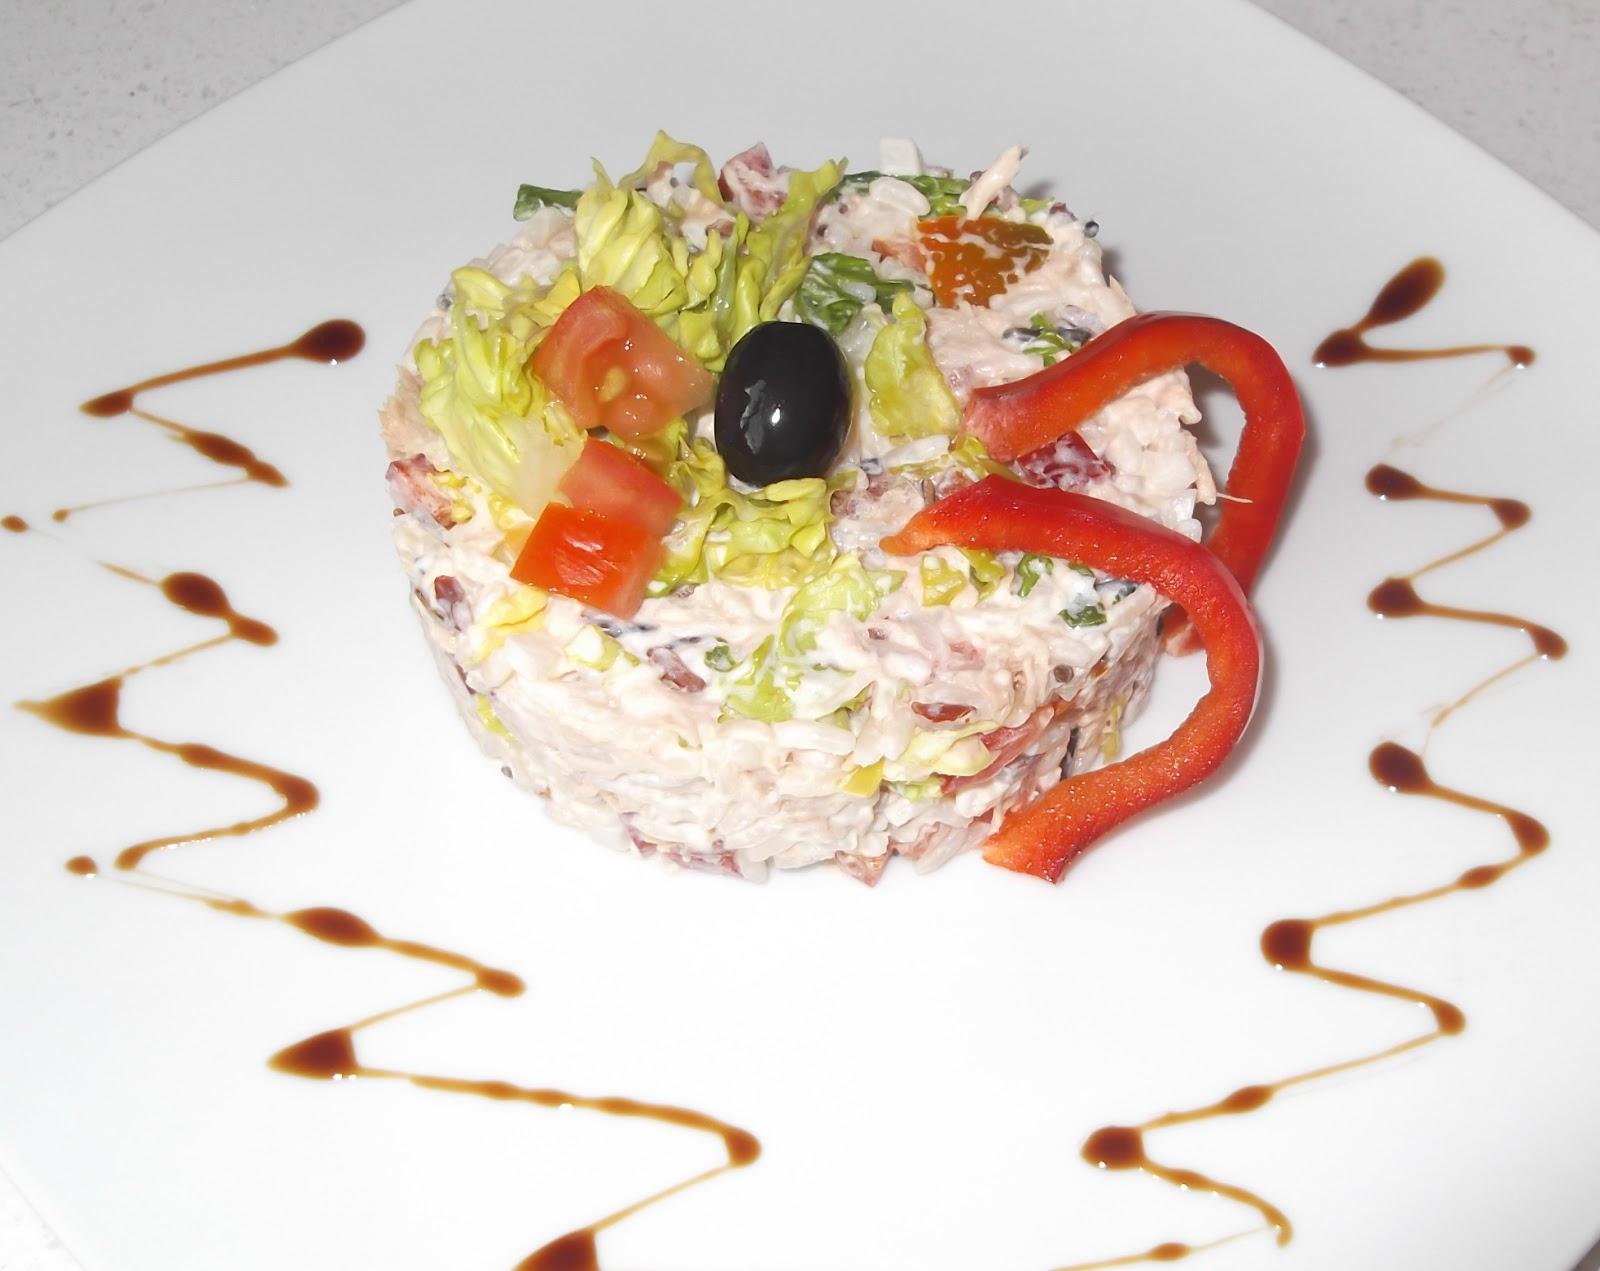 Platos y dulces tartar de arroz en ensalada for Platos dulces